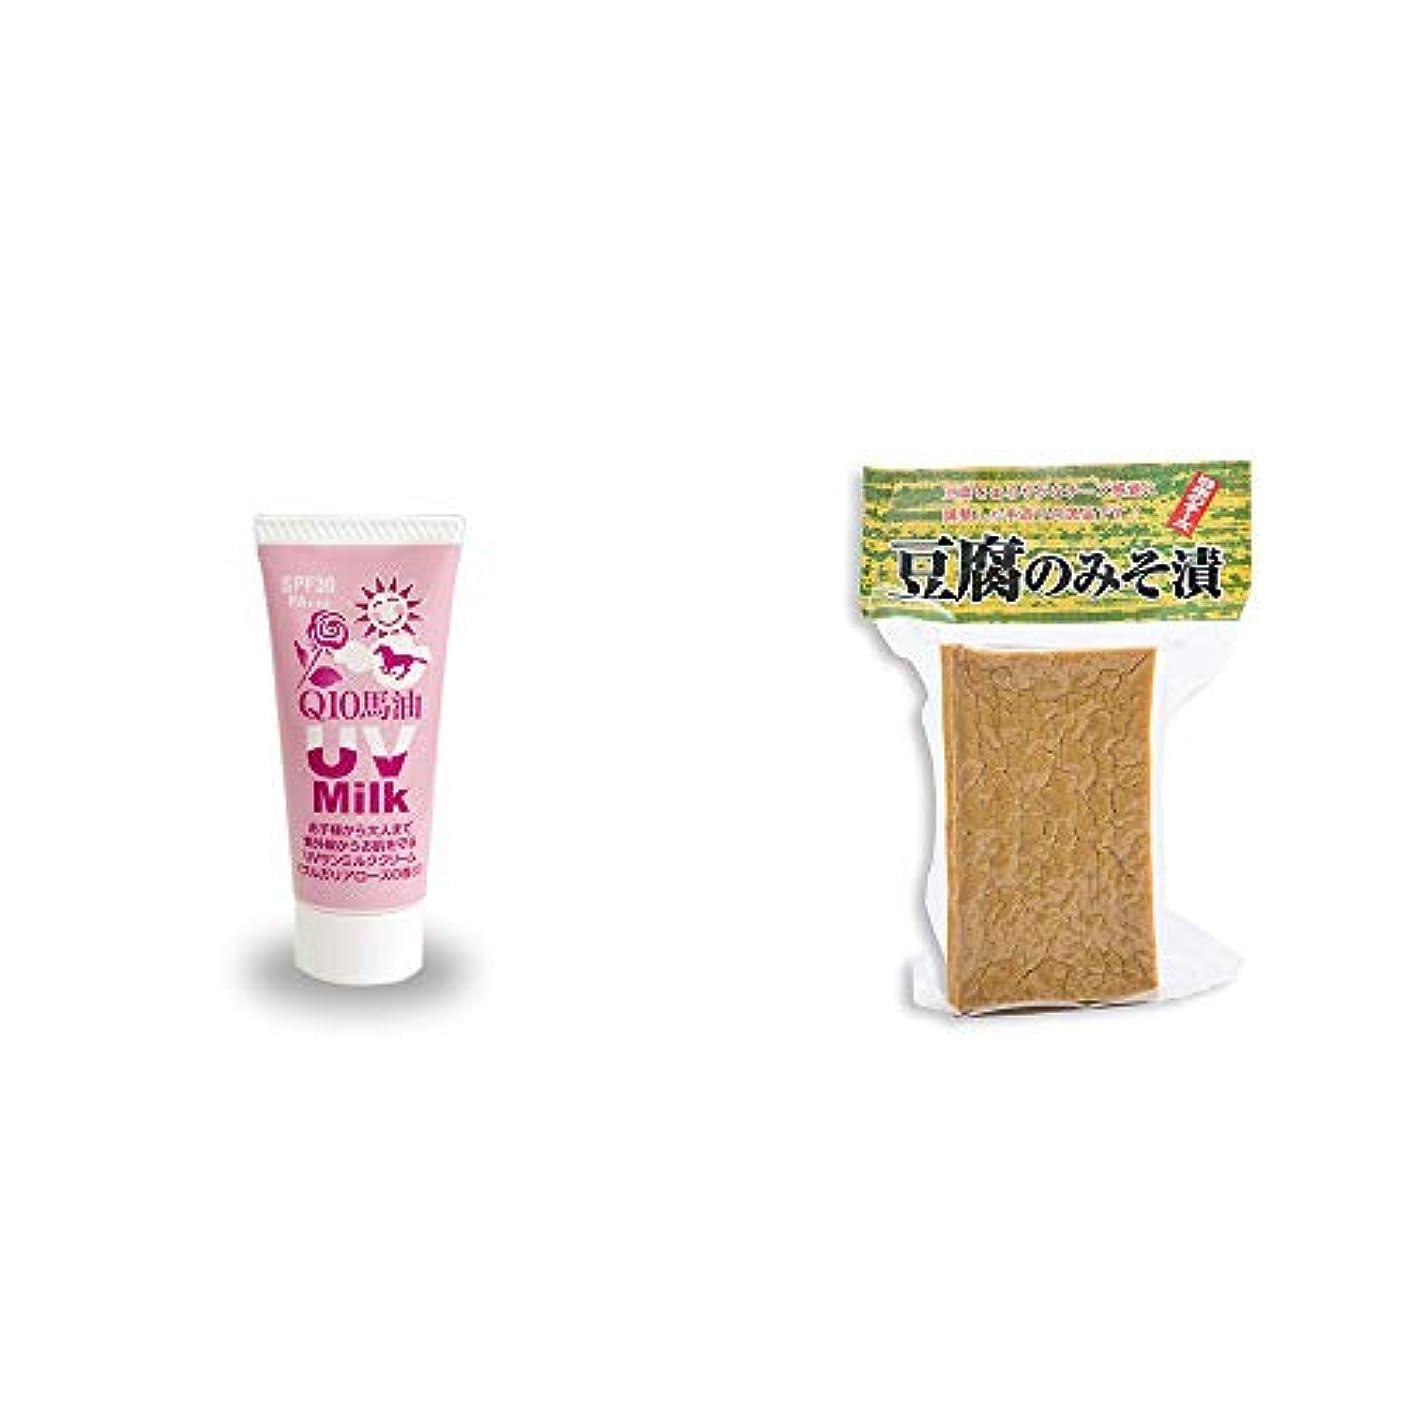 スマッシュ関連付けるご意見[2点セット] 炭黒泉 Q10馬油 UVサンミルク[ブルガリアローズ](40g)?日本のチーズ 豆腐のみそ漬(1個入)